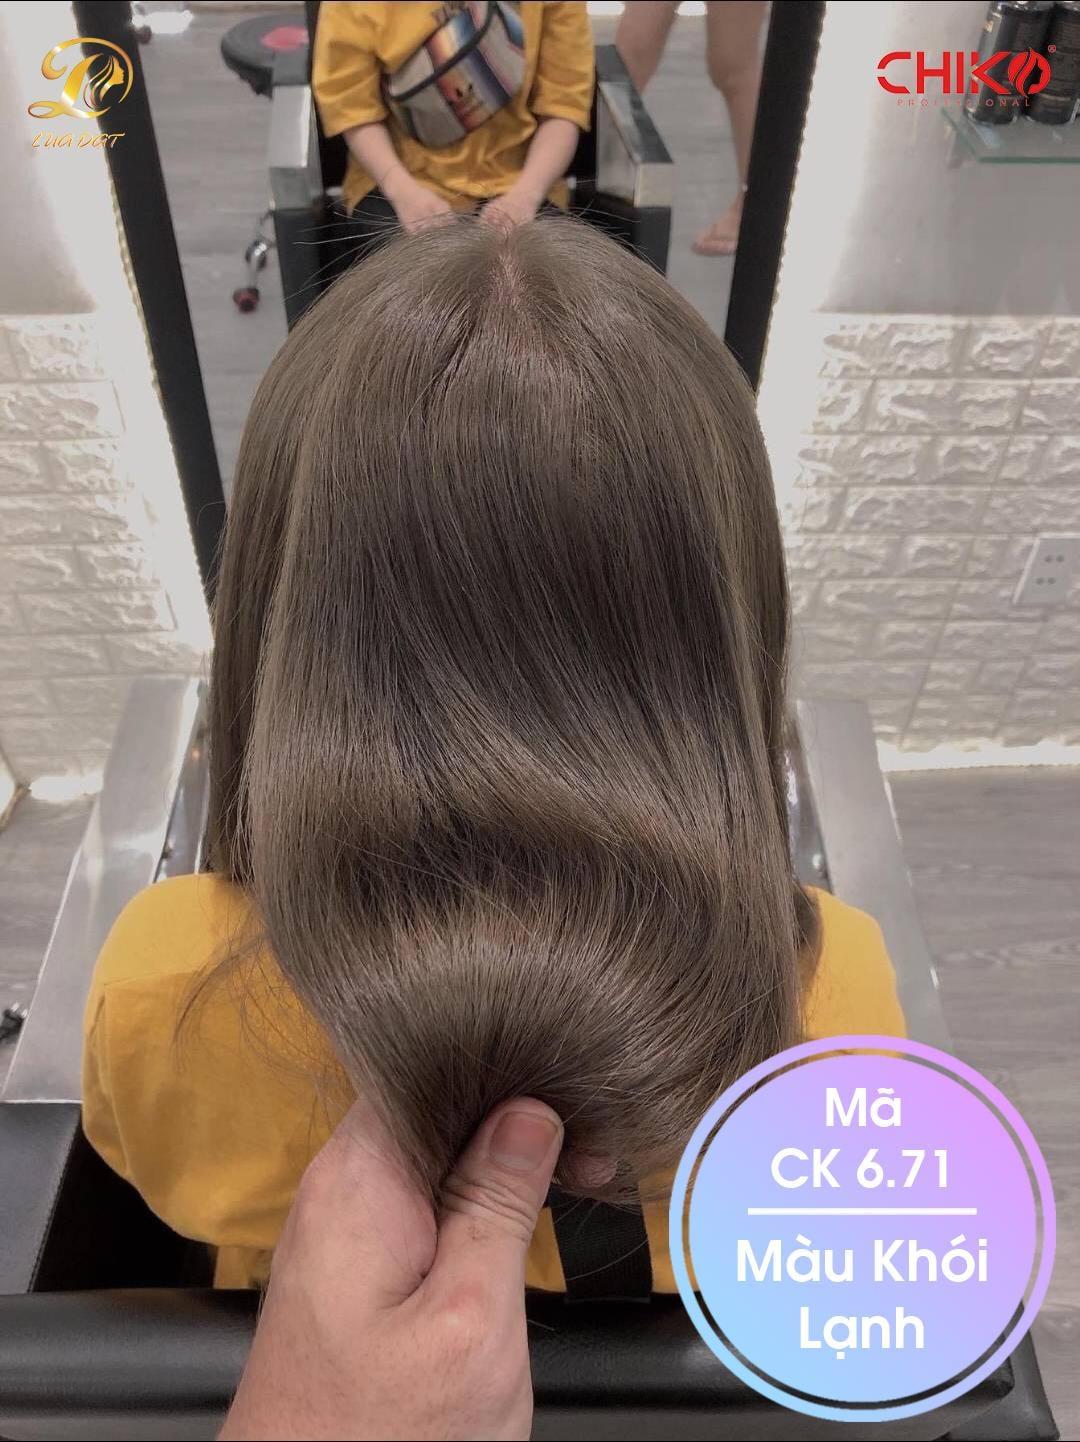 Thuốc nhuộm tóc màu Khói Lạnh Chiko + trợ nhuộm 100ml giá rẻ